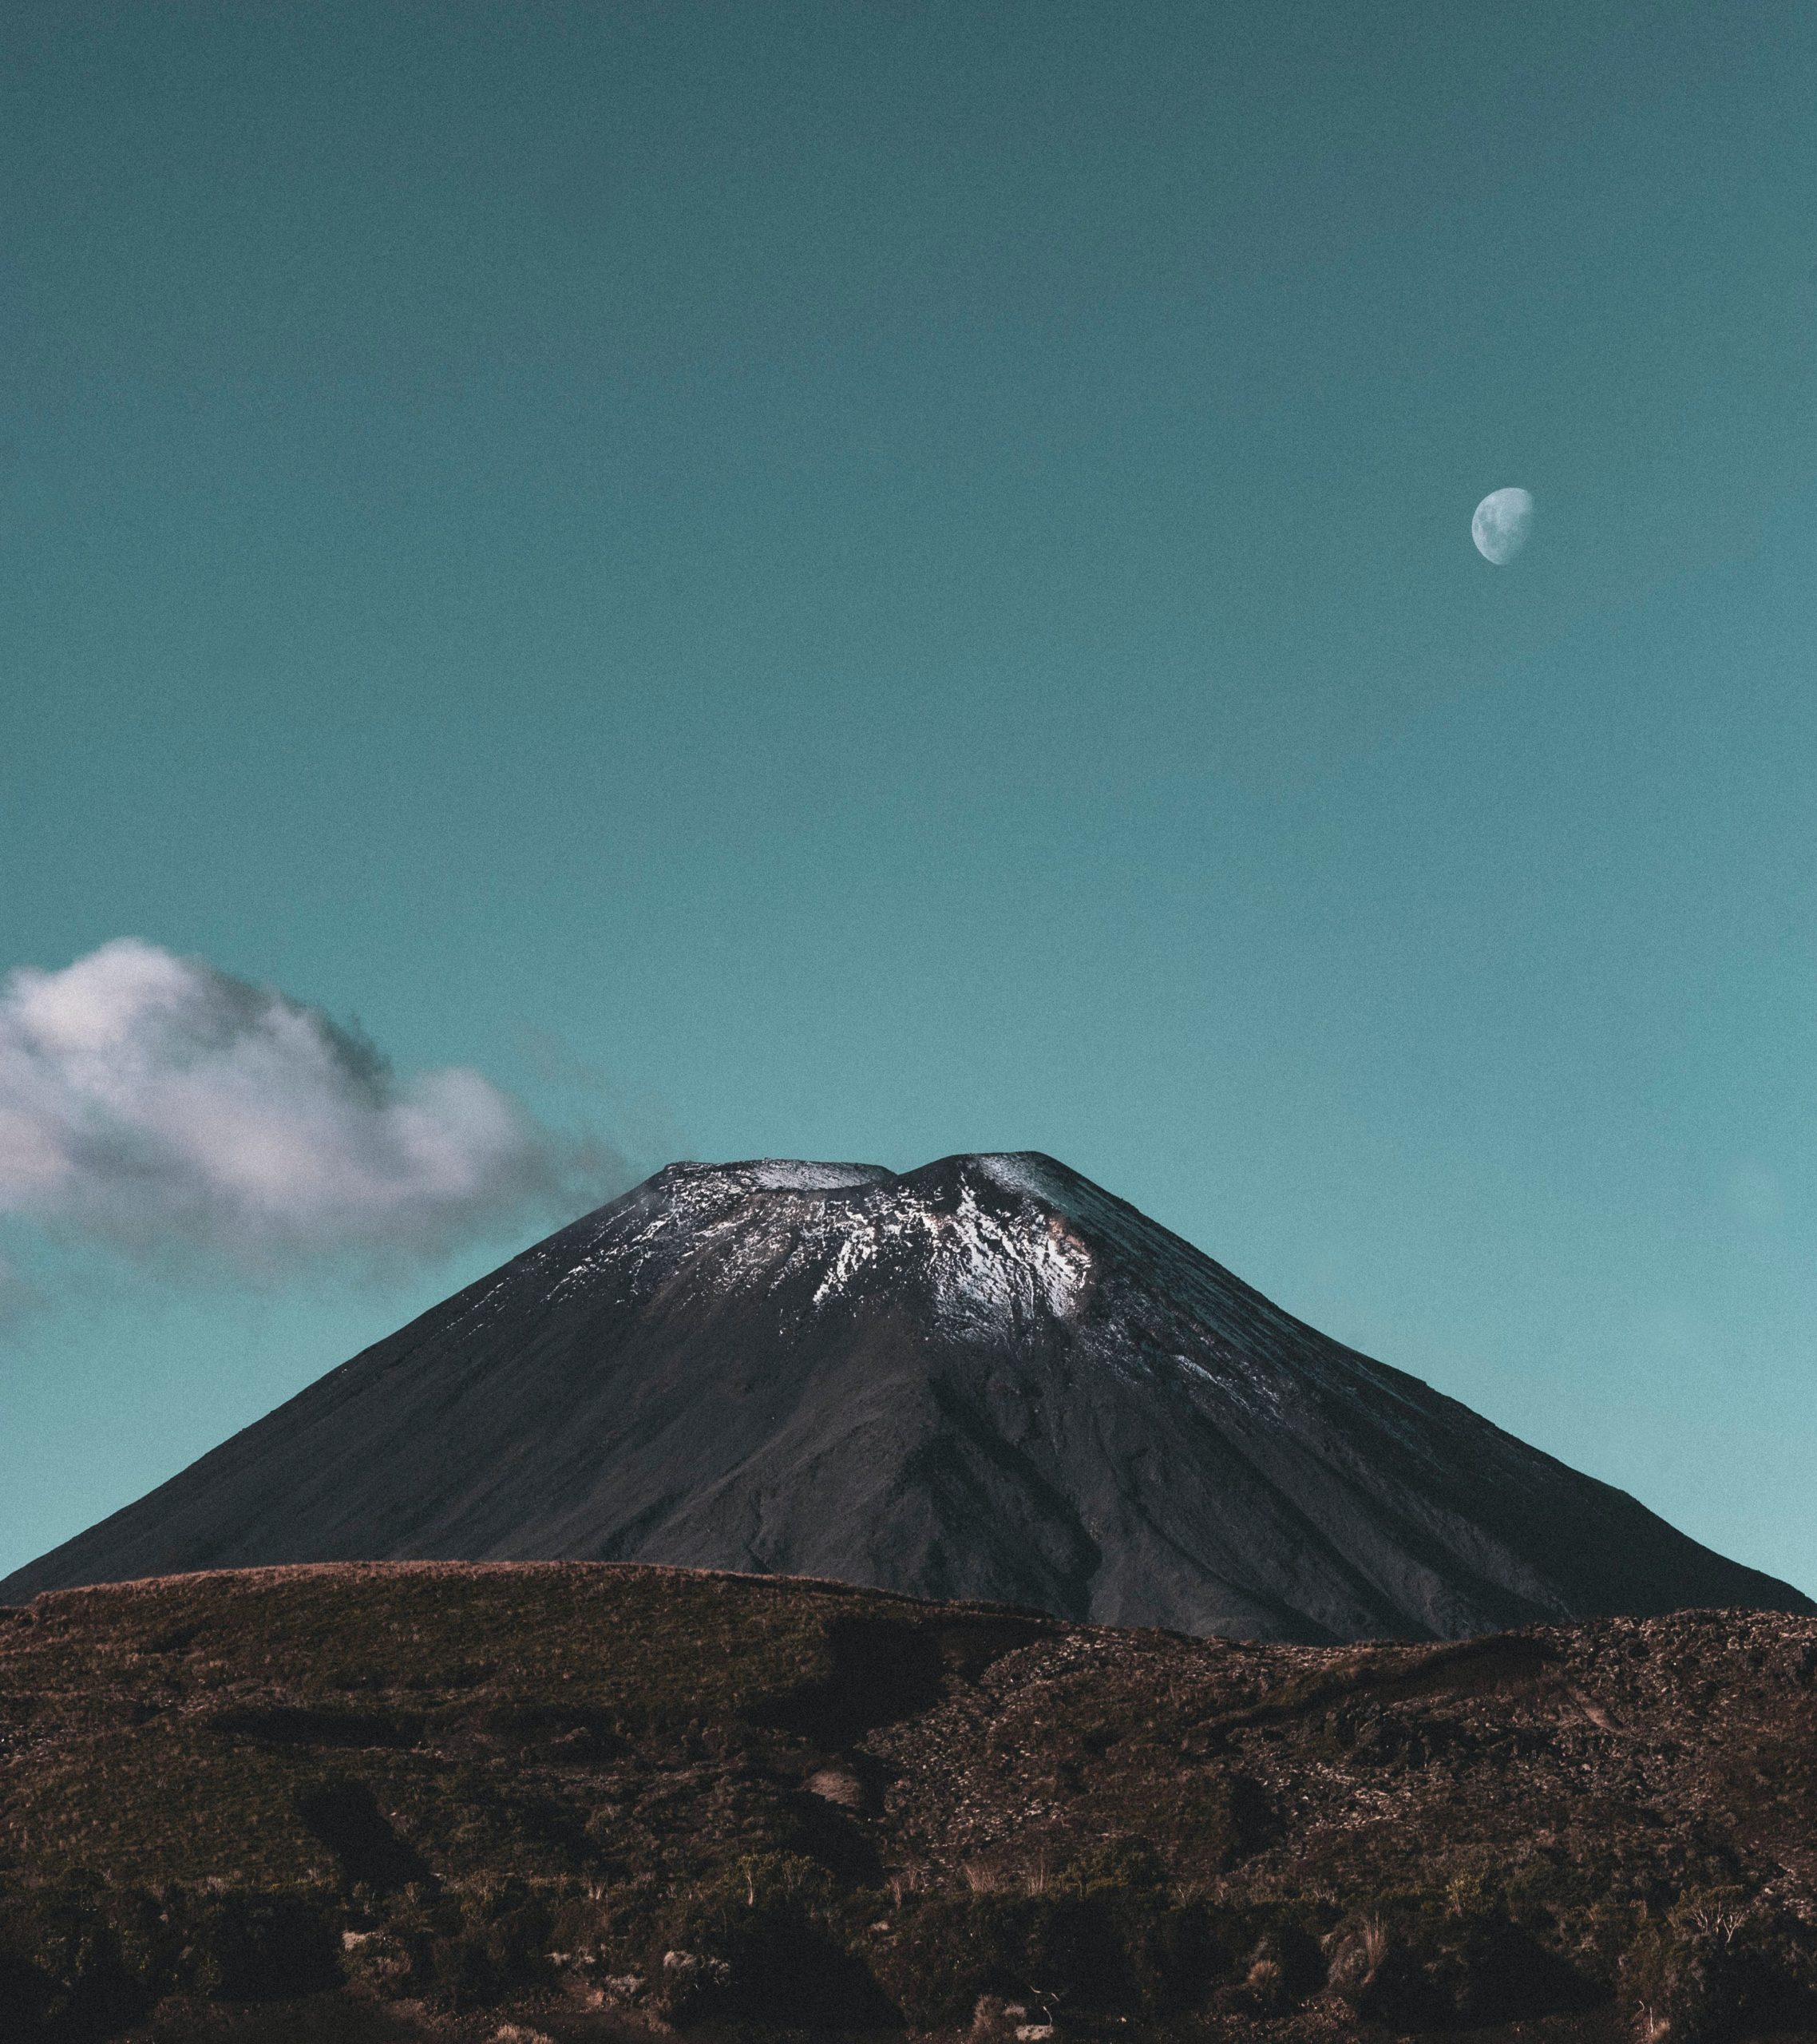 As estruturas geológicas estão localizadas na ilha de La Palma, nas Ilhas Canárias, próximo à costa do continente africano. (Foto: Unsplash)